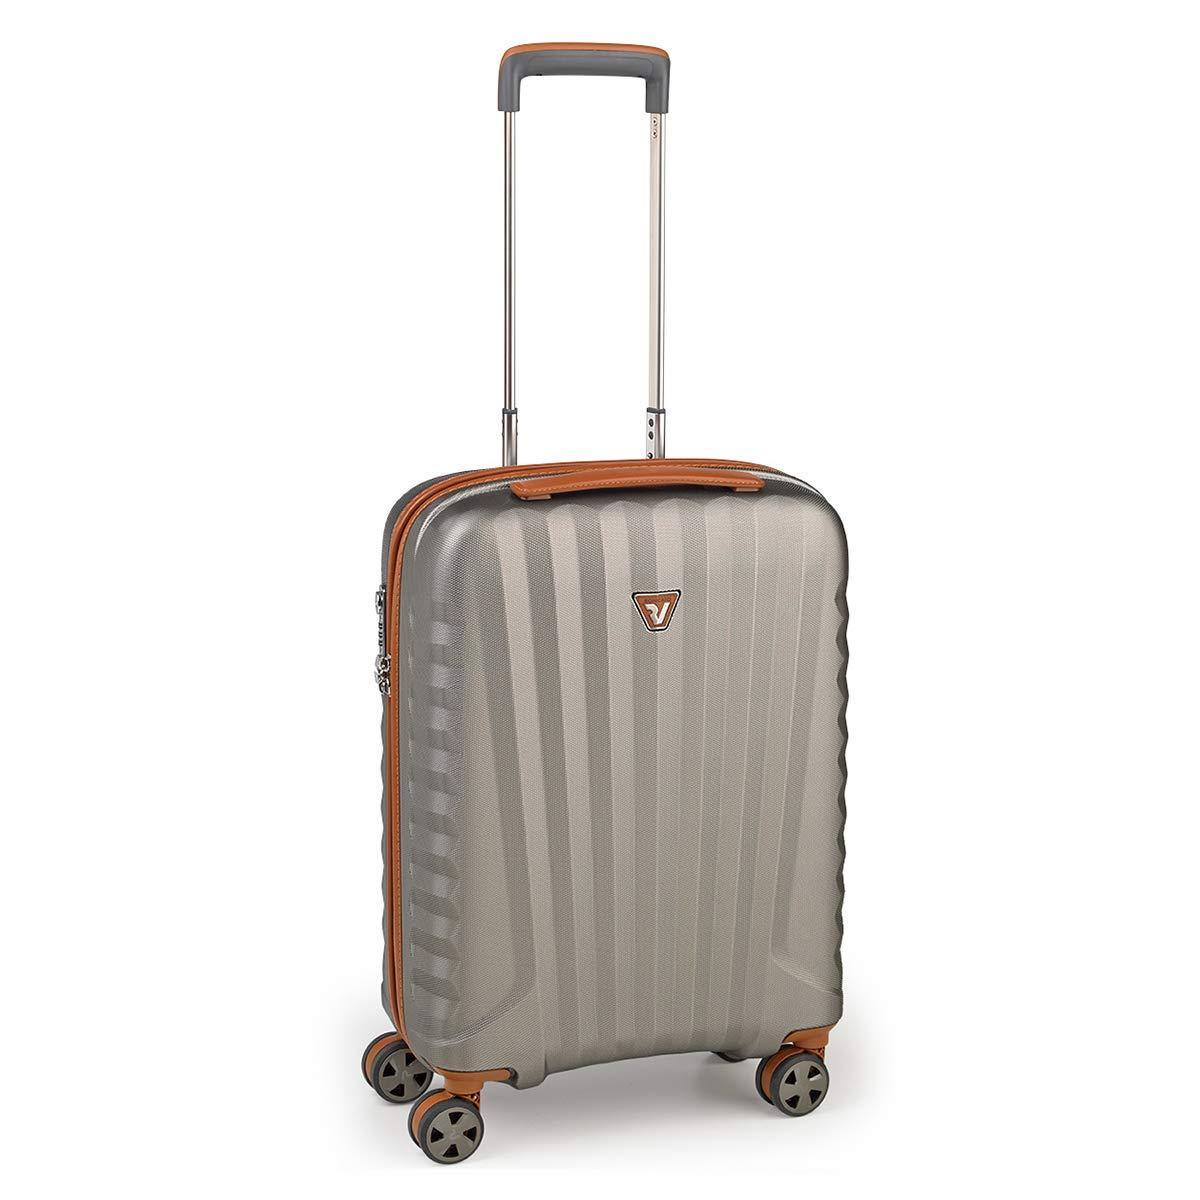 [ロンカート] スーツケース イーライト 機内持込可 35L 51cm 2.4kg 5223 B07KLSVHGJ 【45】チタニウム